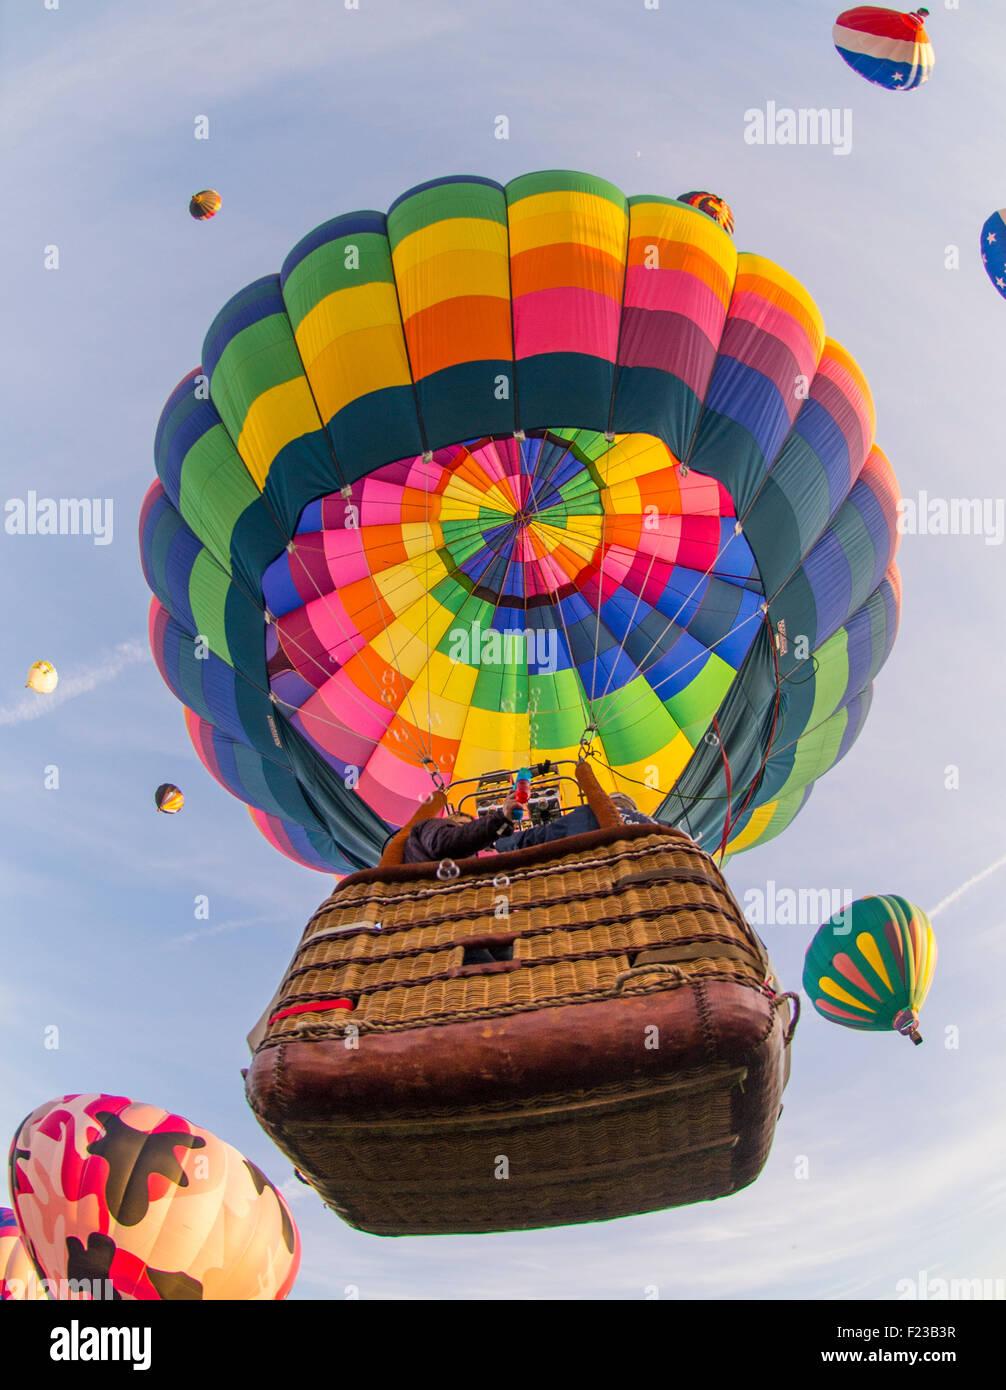 Los globos de aire caliente, Espíritu de Boise Balloon Classic, Ann Morrison Park, Boise, Idaho, EE.UU. Imagen De Stock